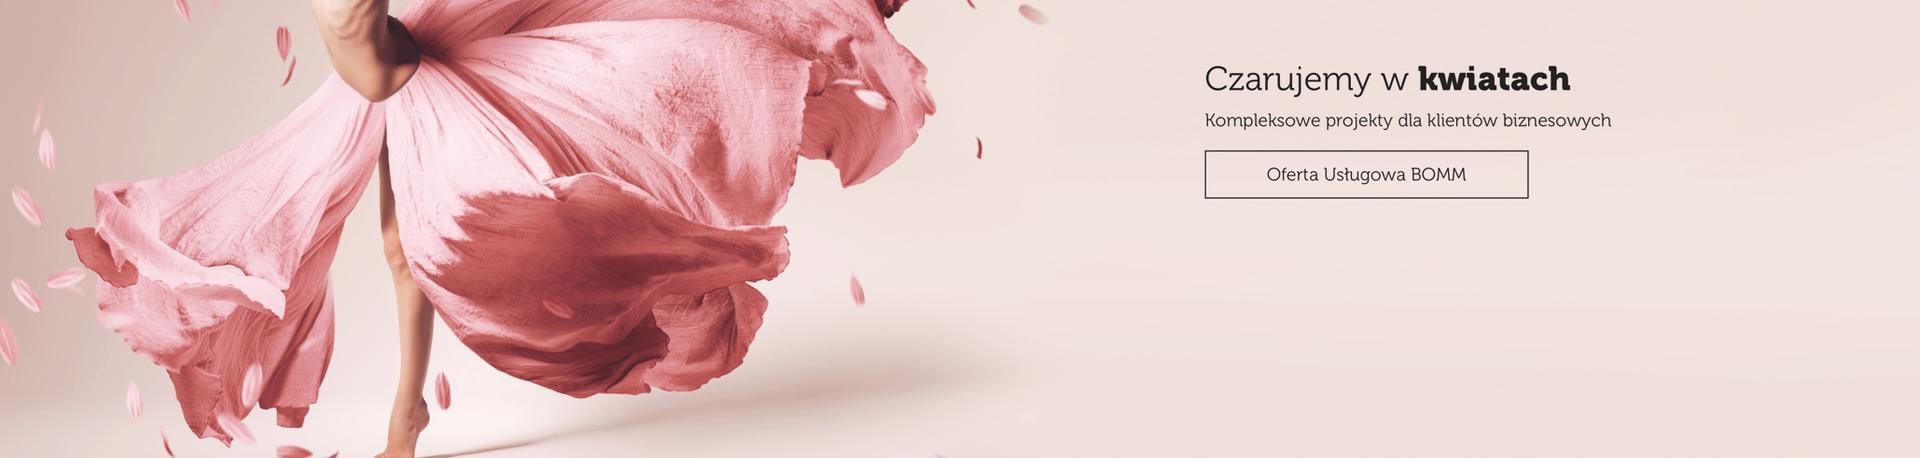 BOMM - Czarujemy w kwiatach